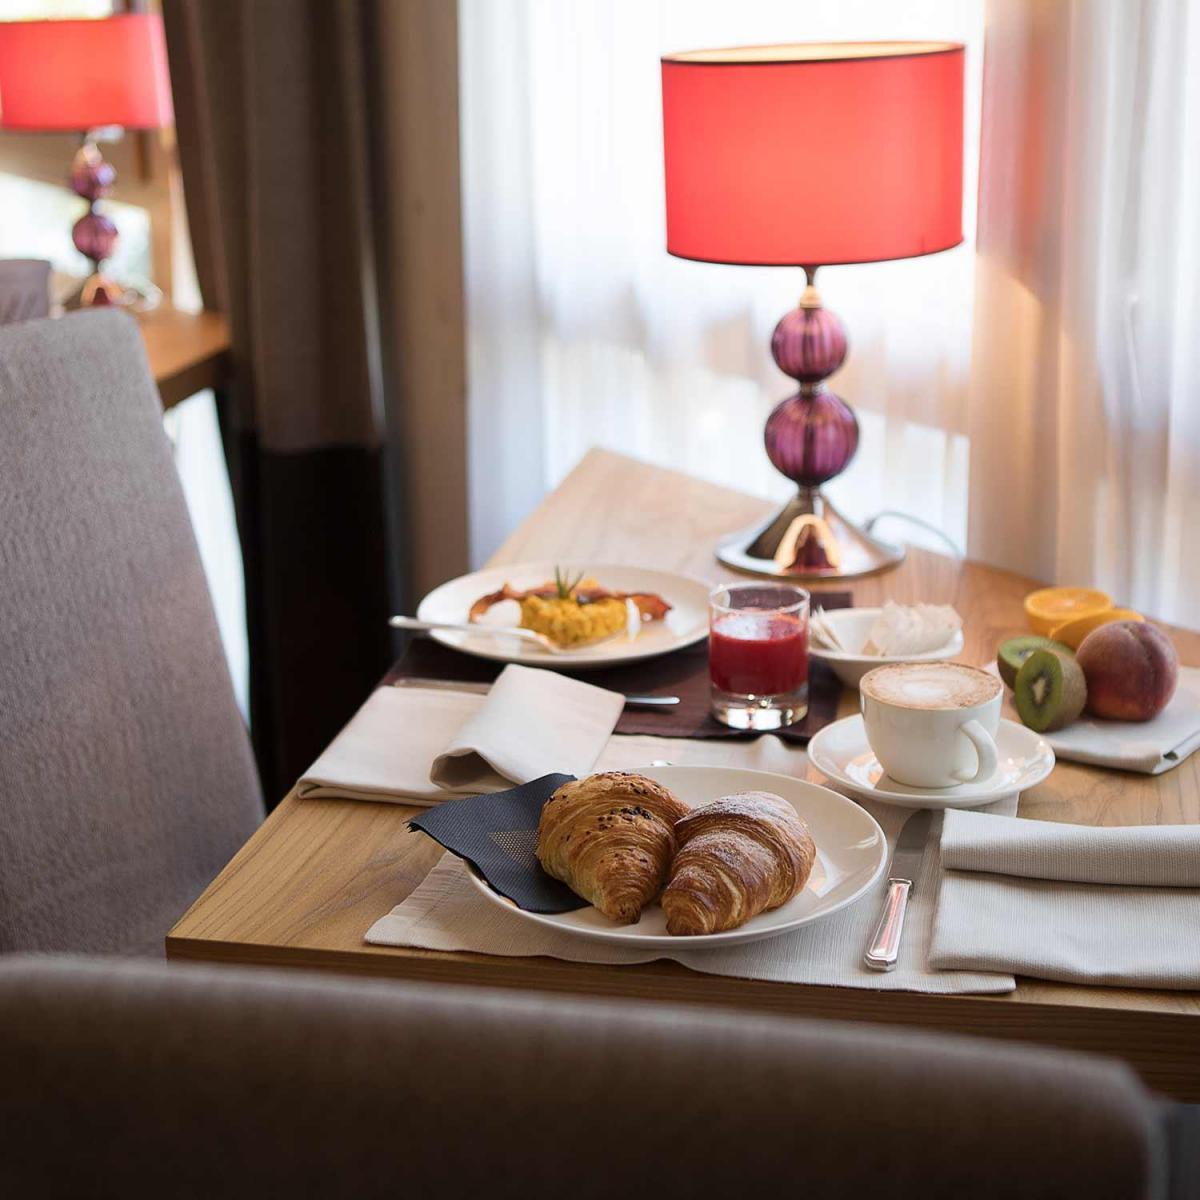 colazione-2-cucina-alto-livello-hotel-nordik-piatt